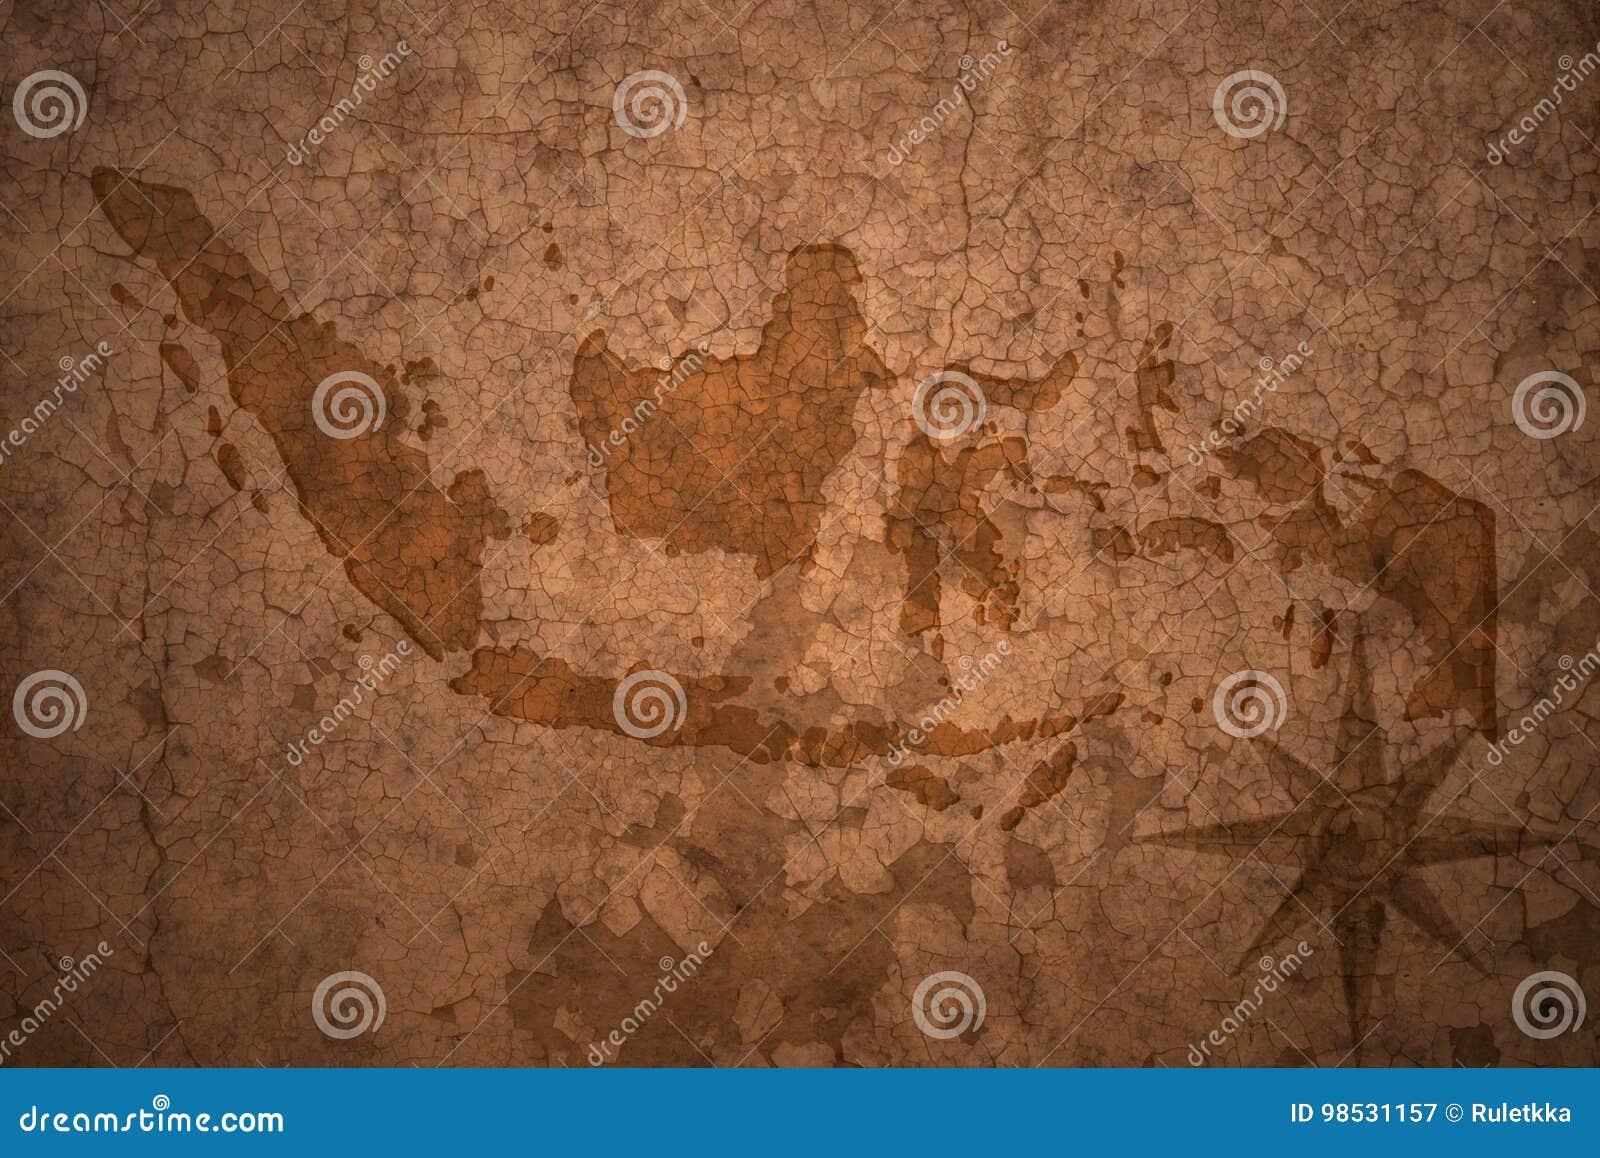 Карта Индонезии на винтажной бумажной предпосылке